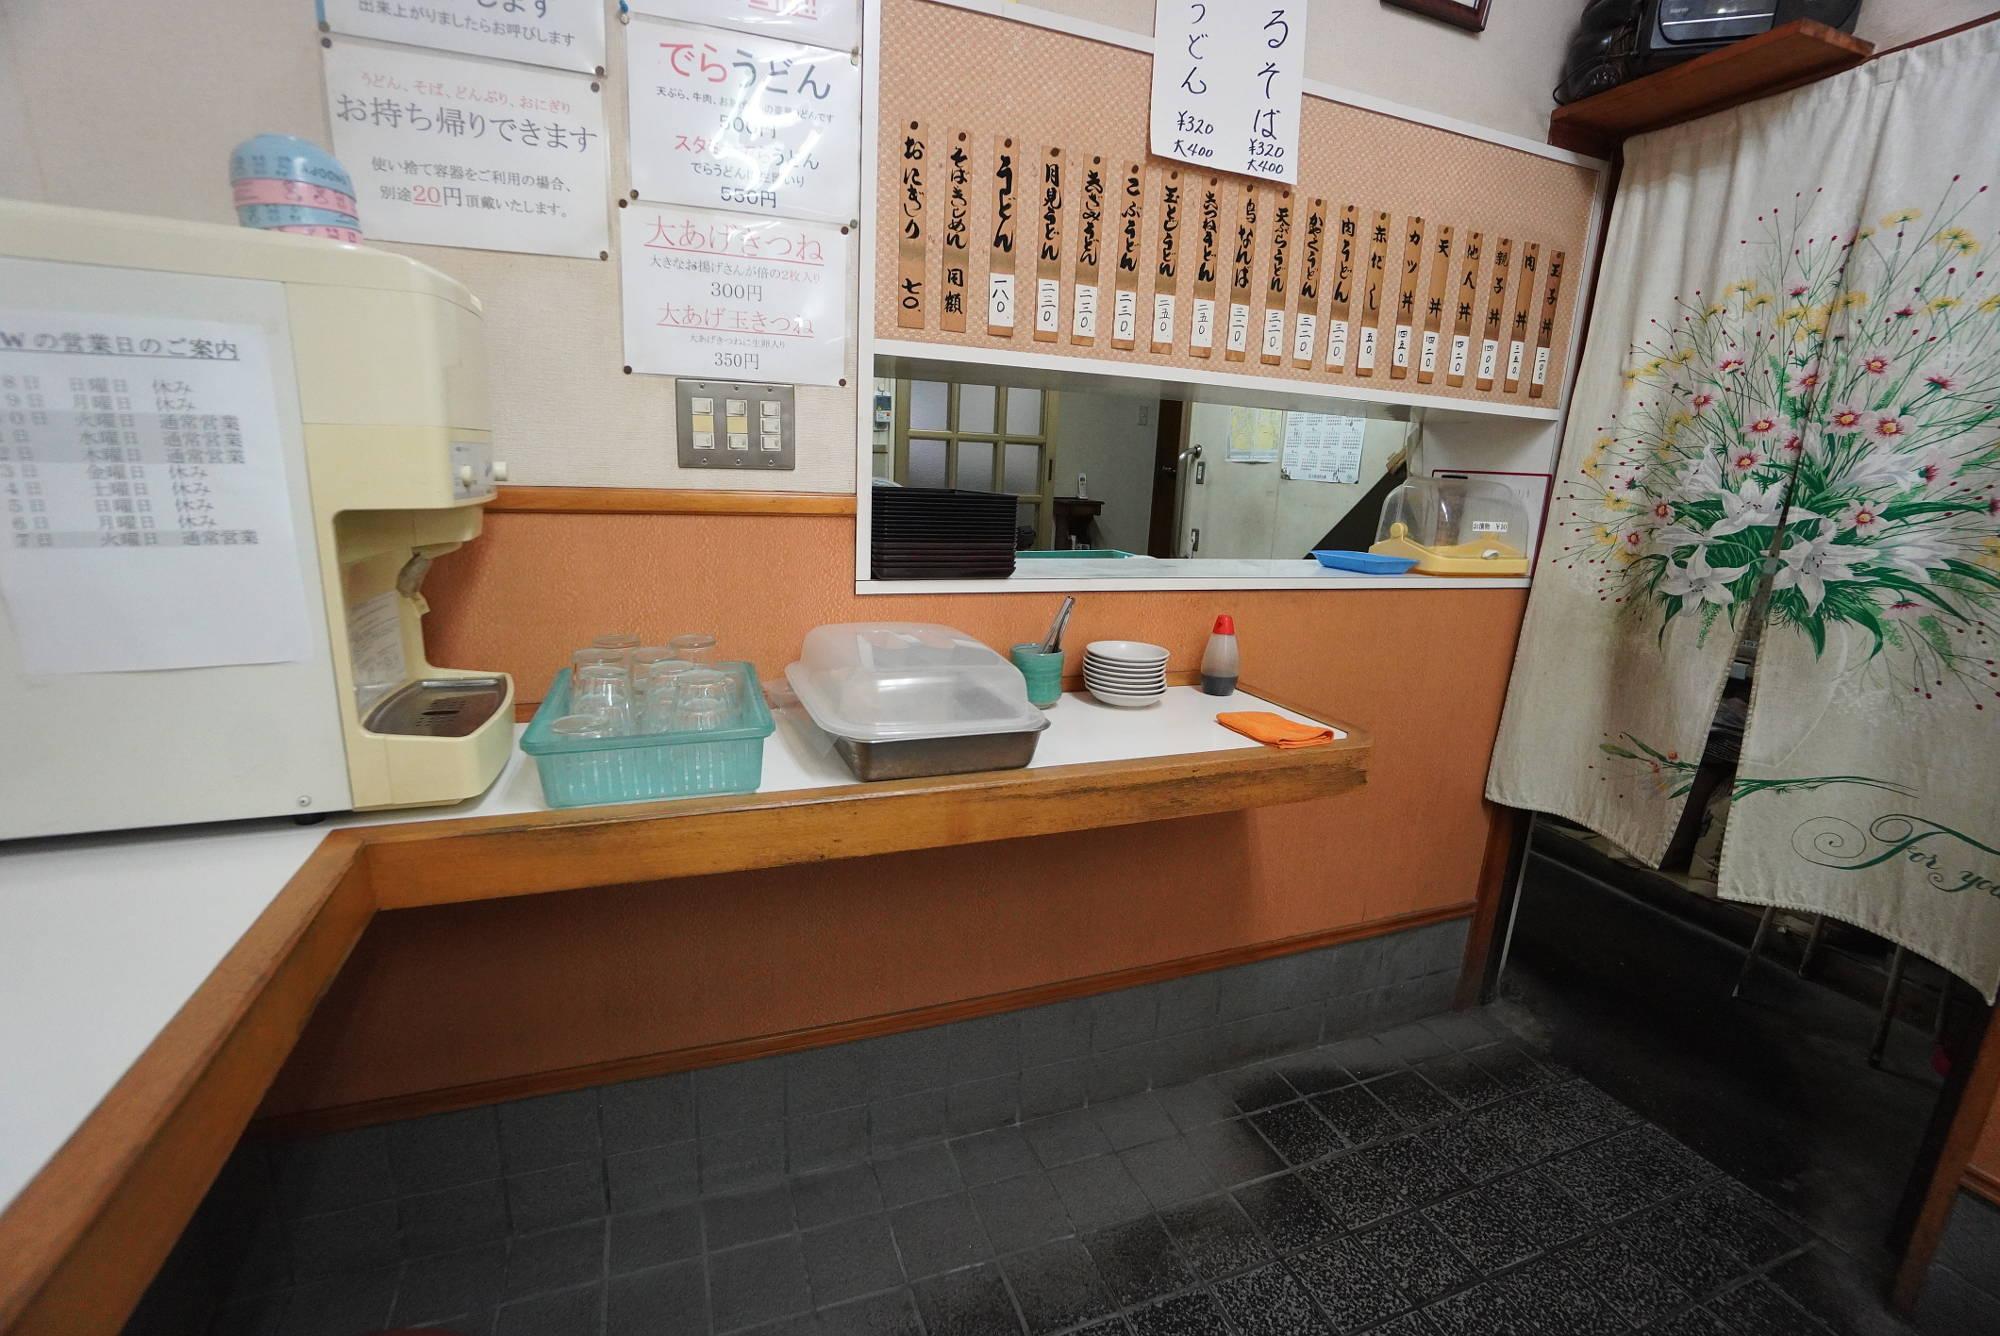 大阪 田舎家のカウンター